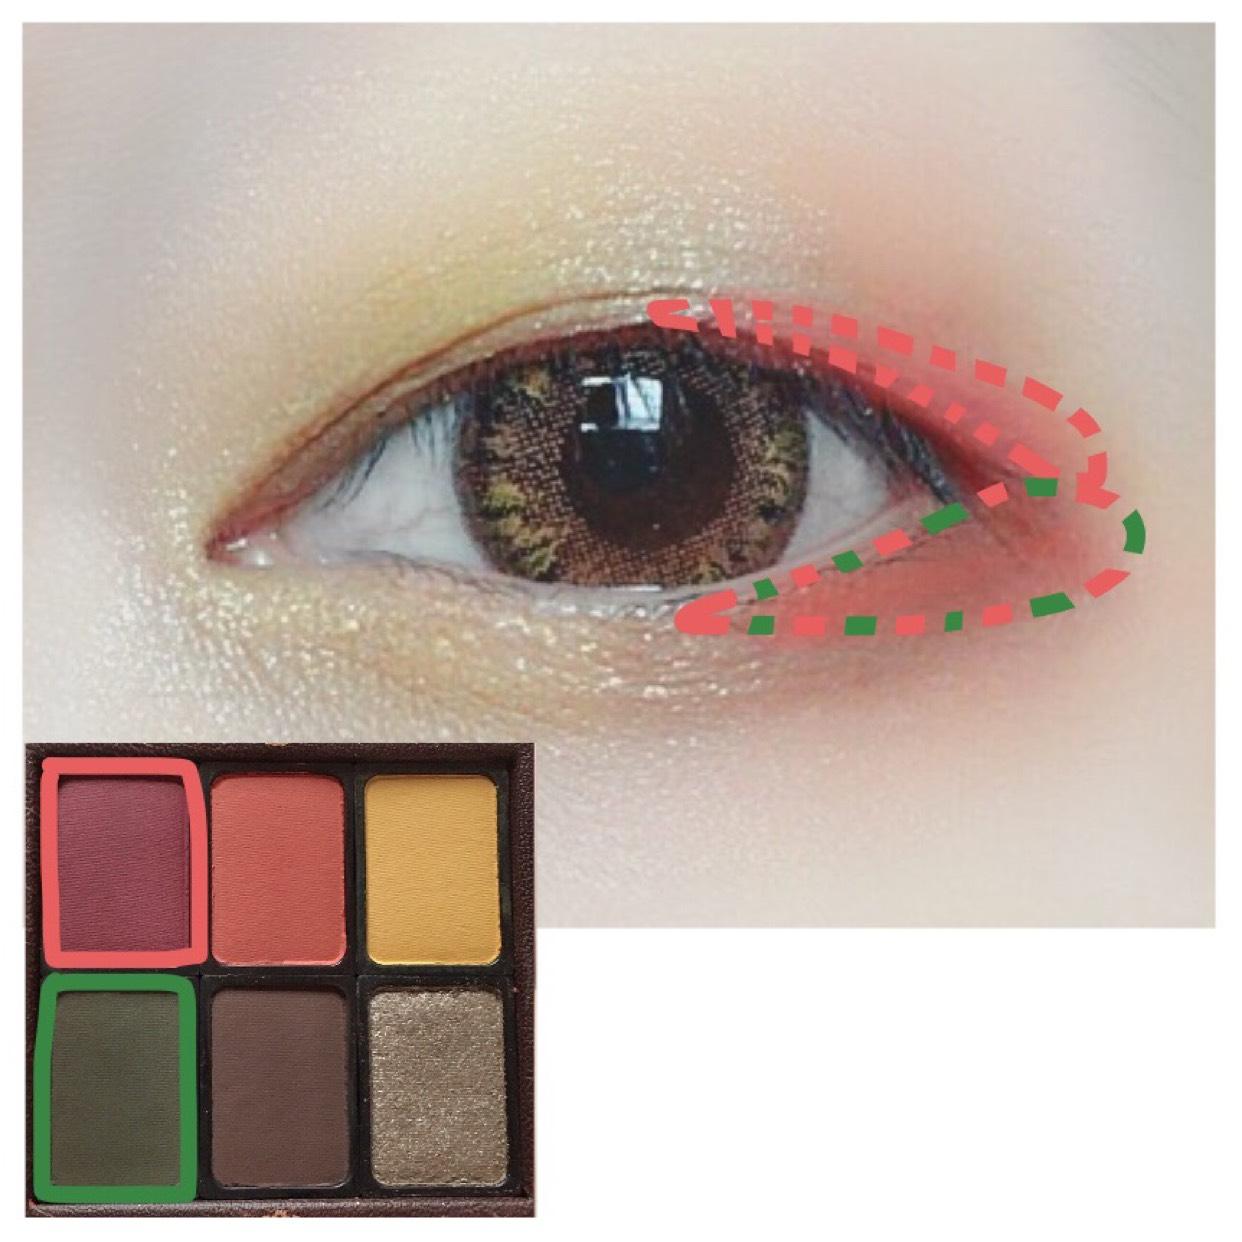 上瞼目尻側際に赤を入れて、下瞼には緑と混ぜて目頭と同じ高さ(?)になるよう入れます。  発色が良く色がハッキリと分かれちゃうので境目はオレンジで馴染ませます。